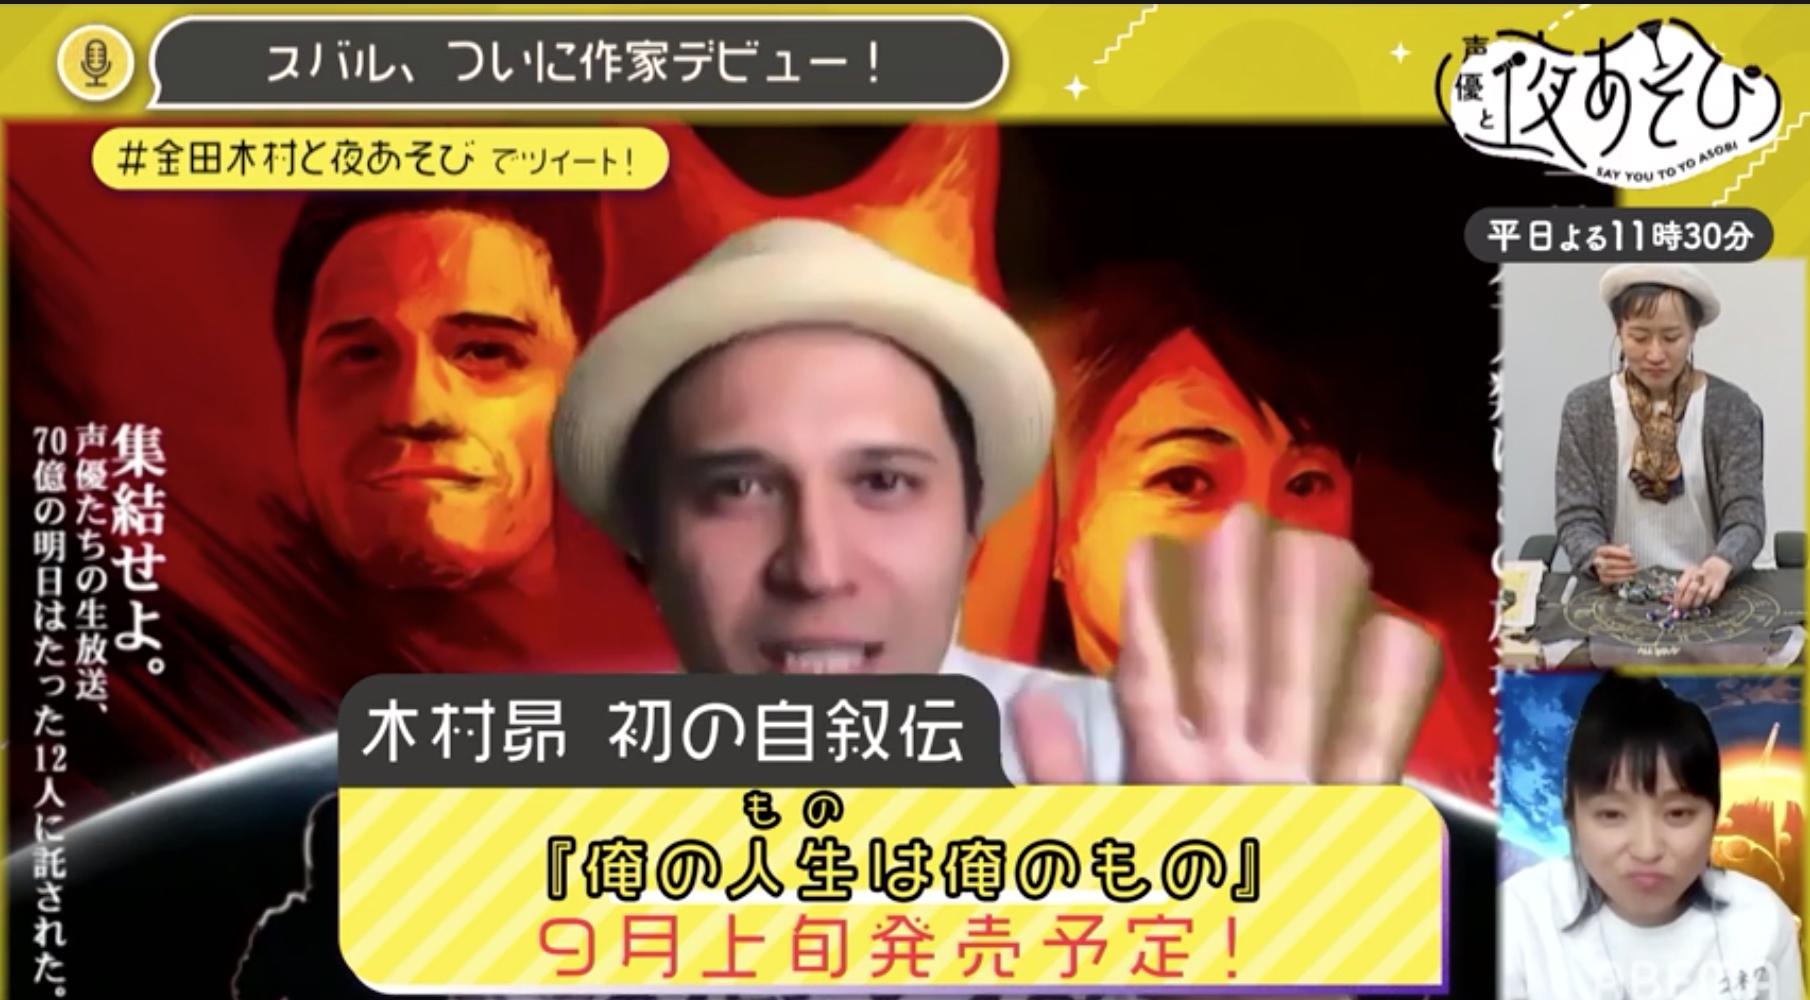 声優・木村昴さん「 俺の人生は俺のもの 」で作家デビュー!自叙伝を9月上旬発売